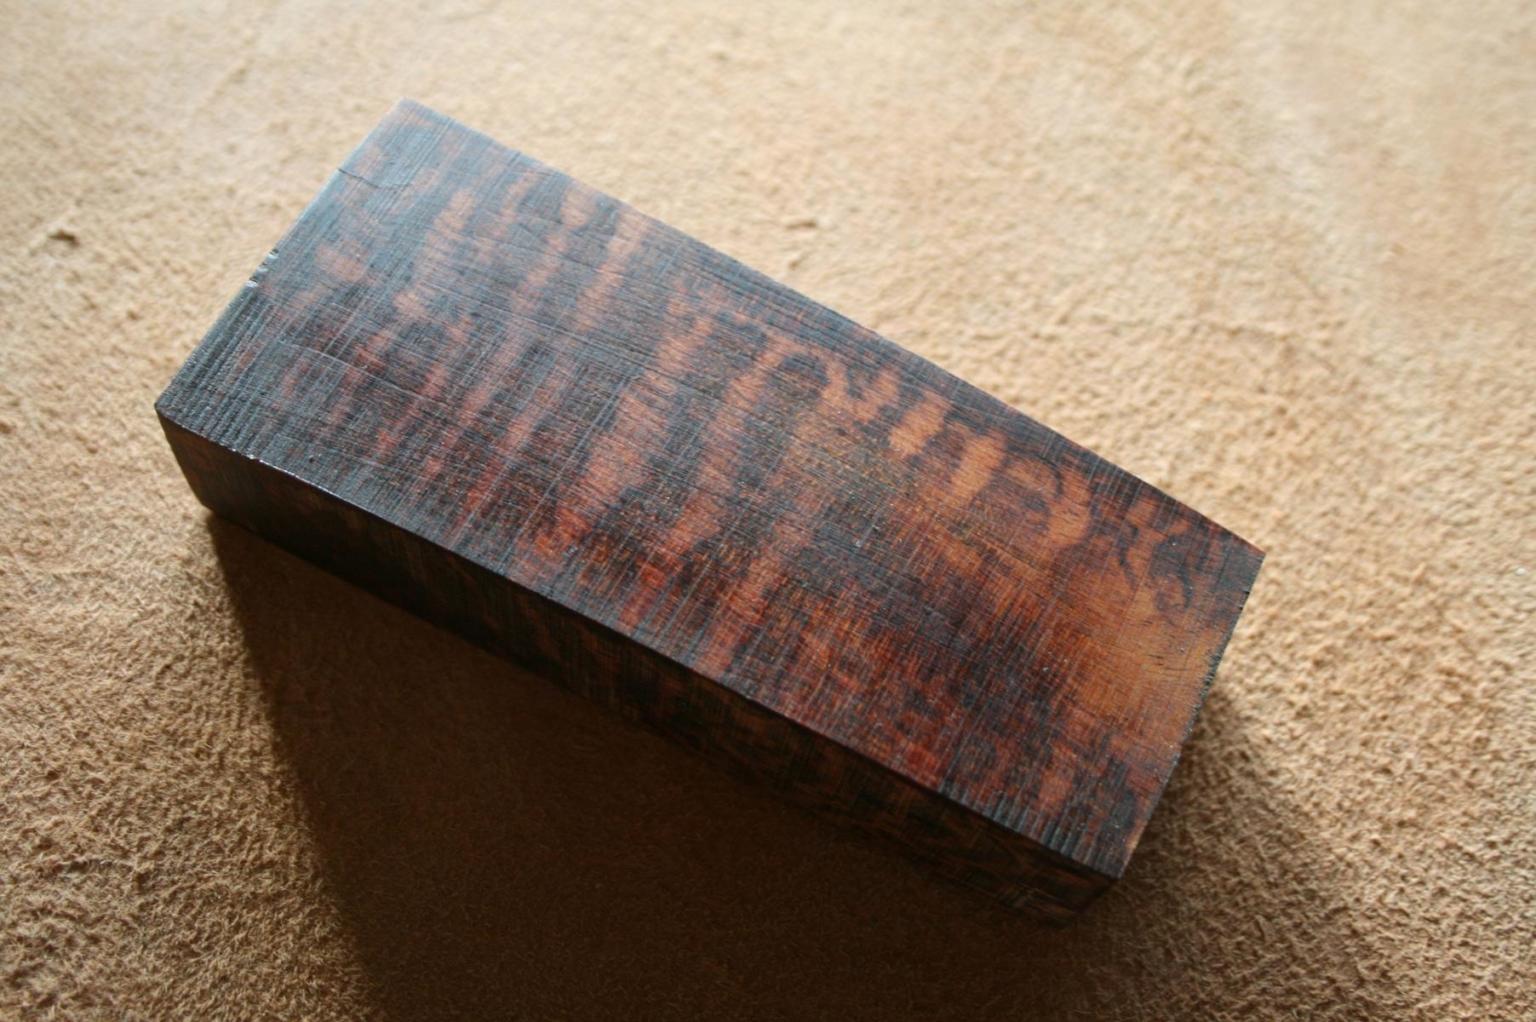 Schlangenholzblock für handgefertigte Messer